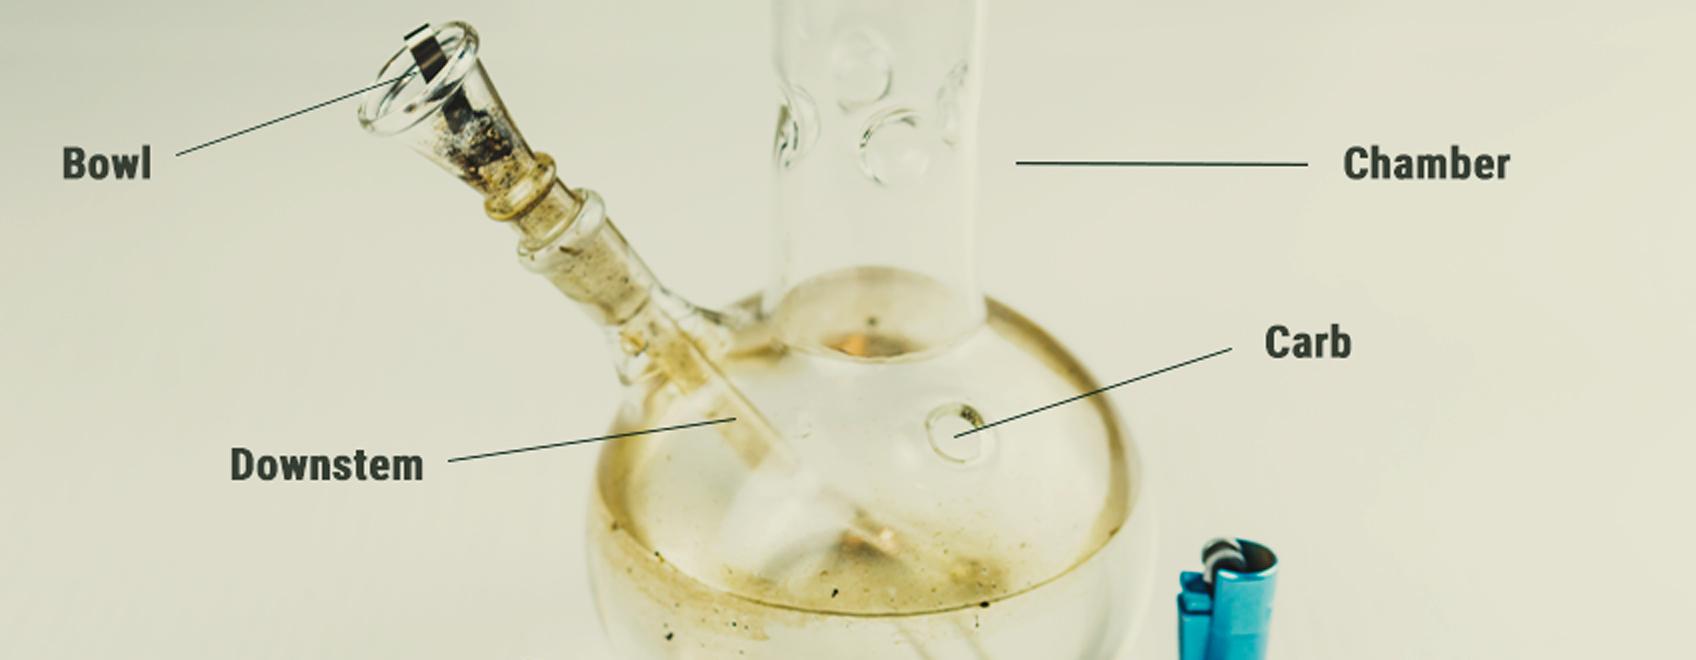 Come Fa l'Acqua del Bong a Filtrare il Fumo?